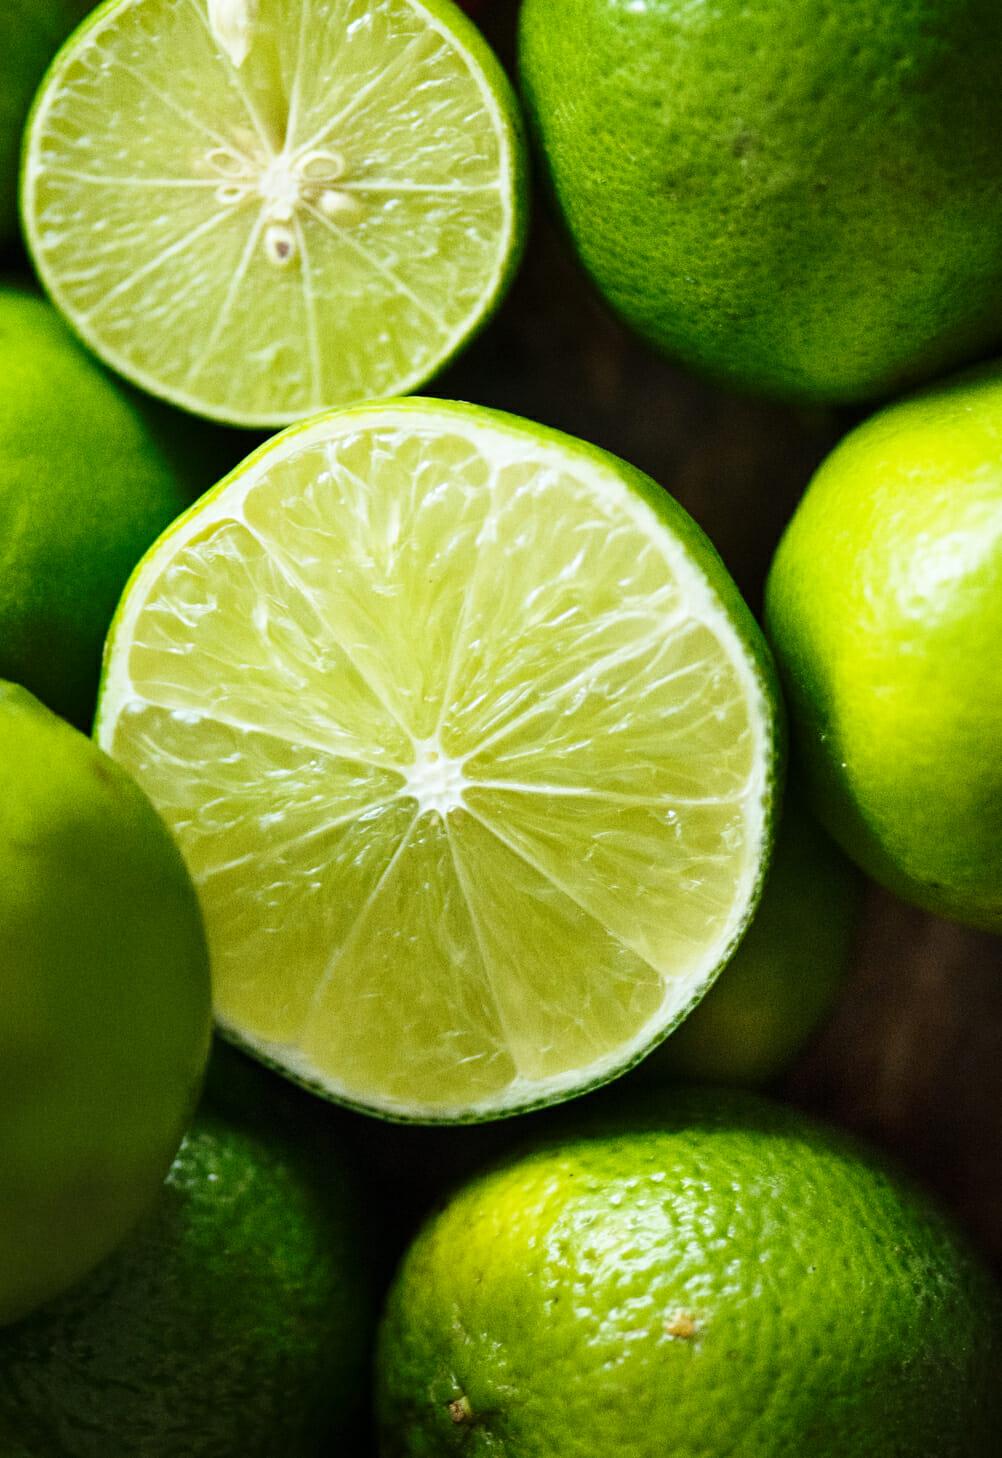 zaya rum cocktails - sliced limes